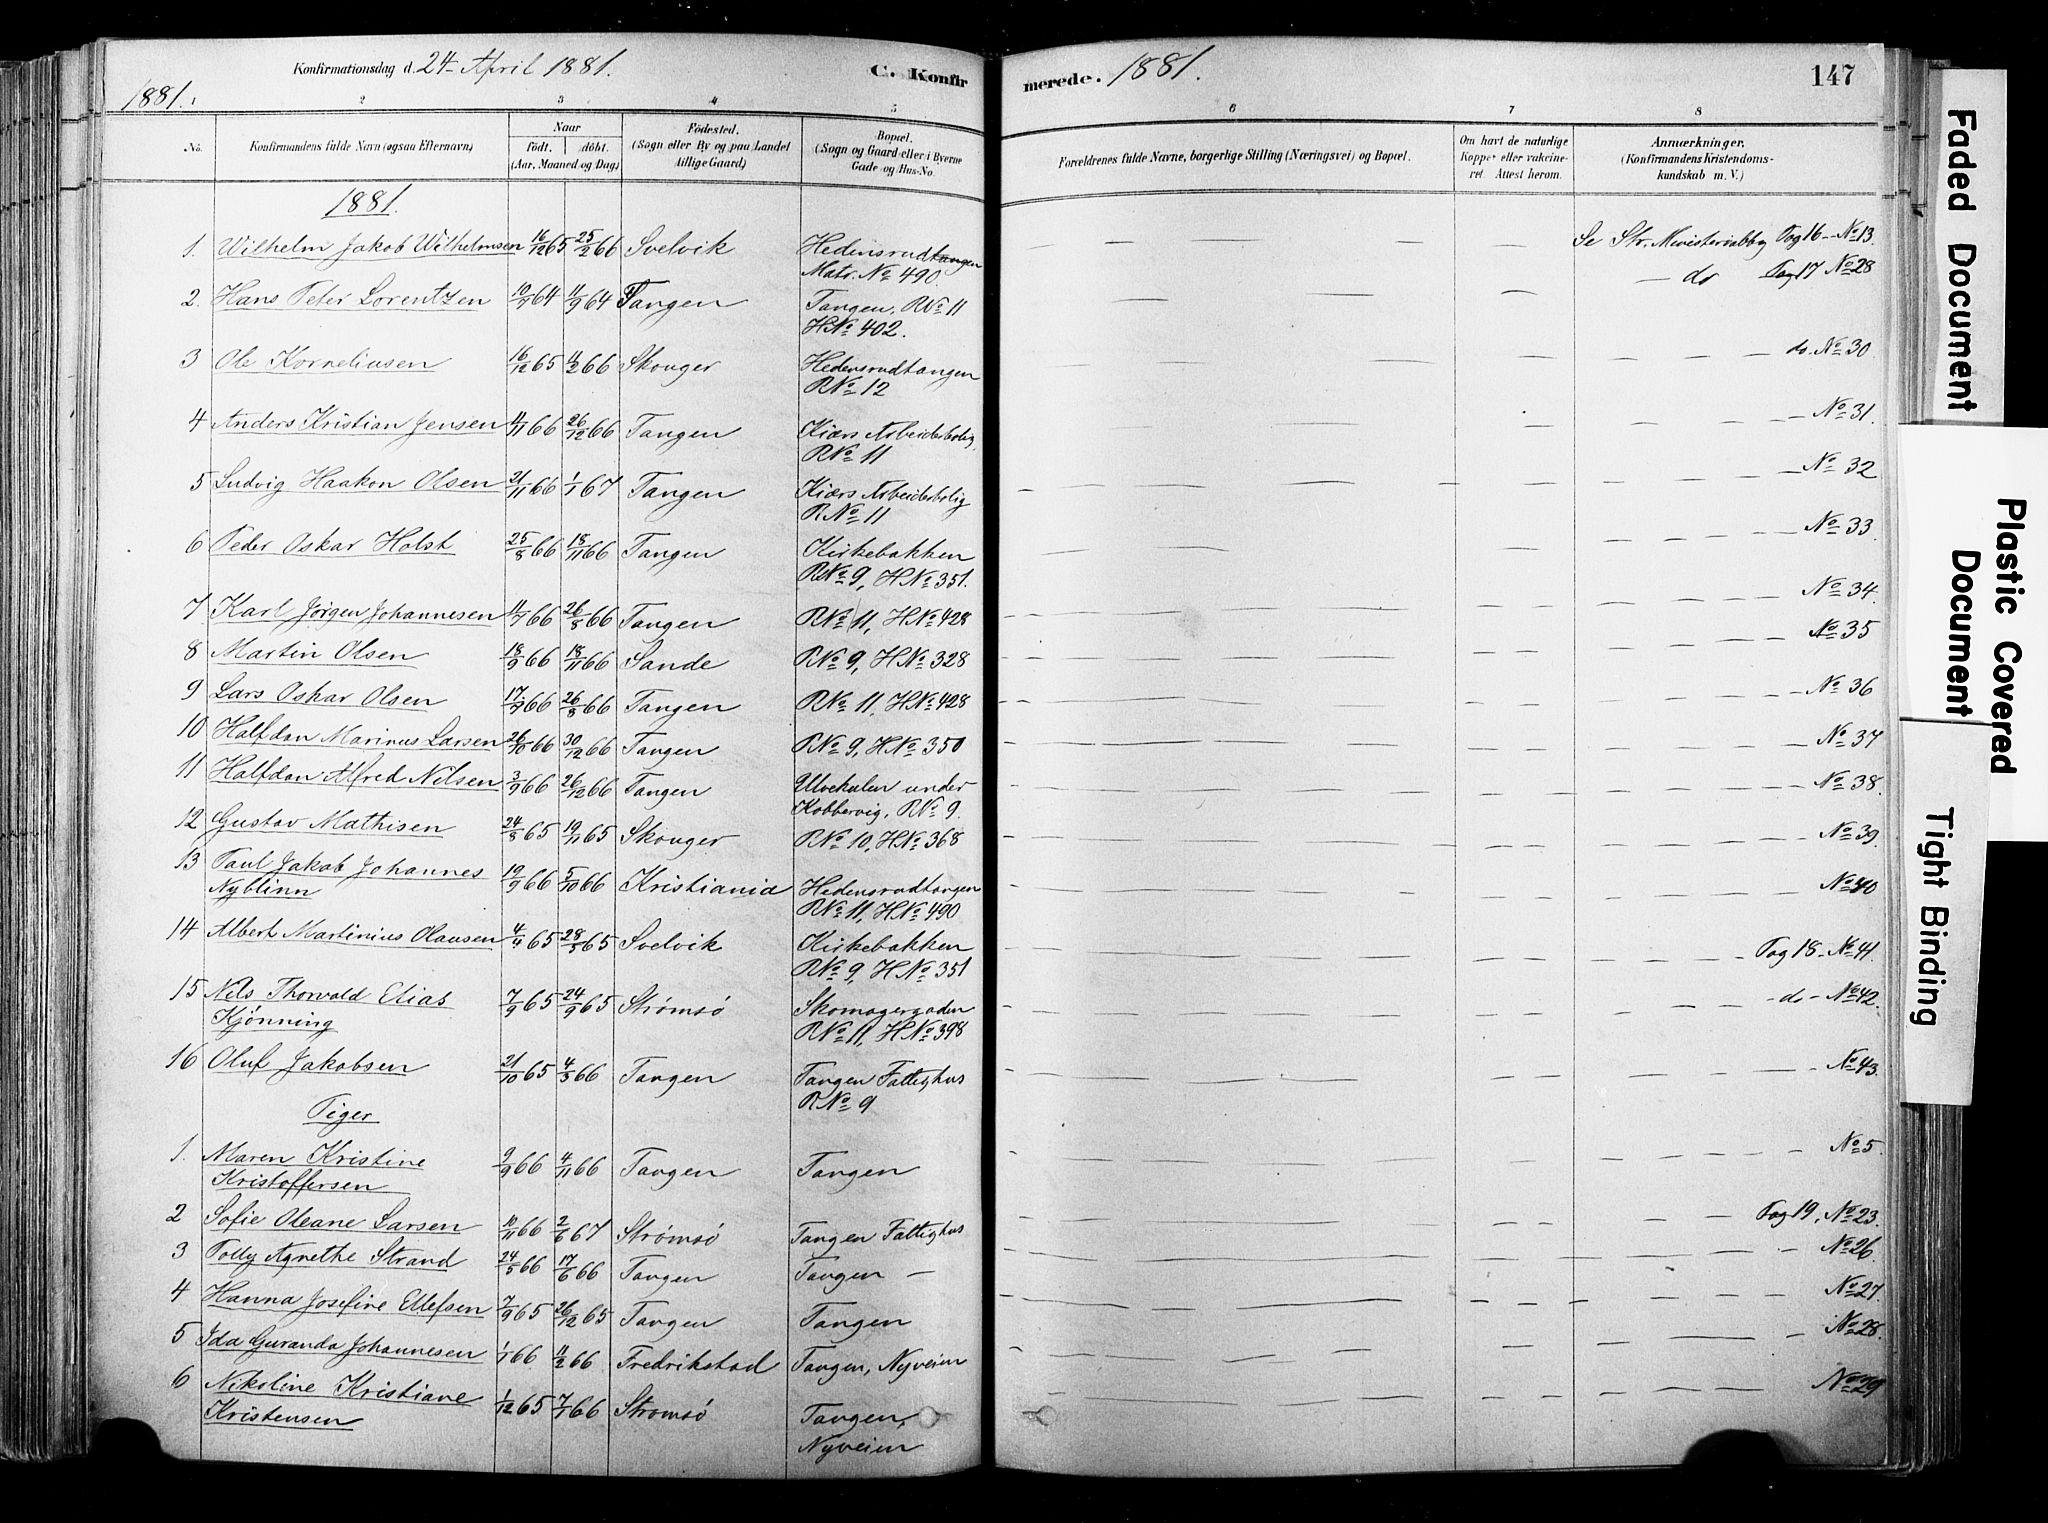 SAKO, Strømsø kirkebøker, F/Fb/L0006: Ministerialbok nr. II 6, 1879-1910, s. 147